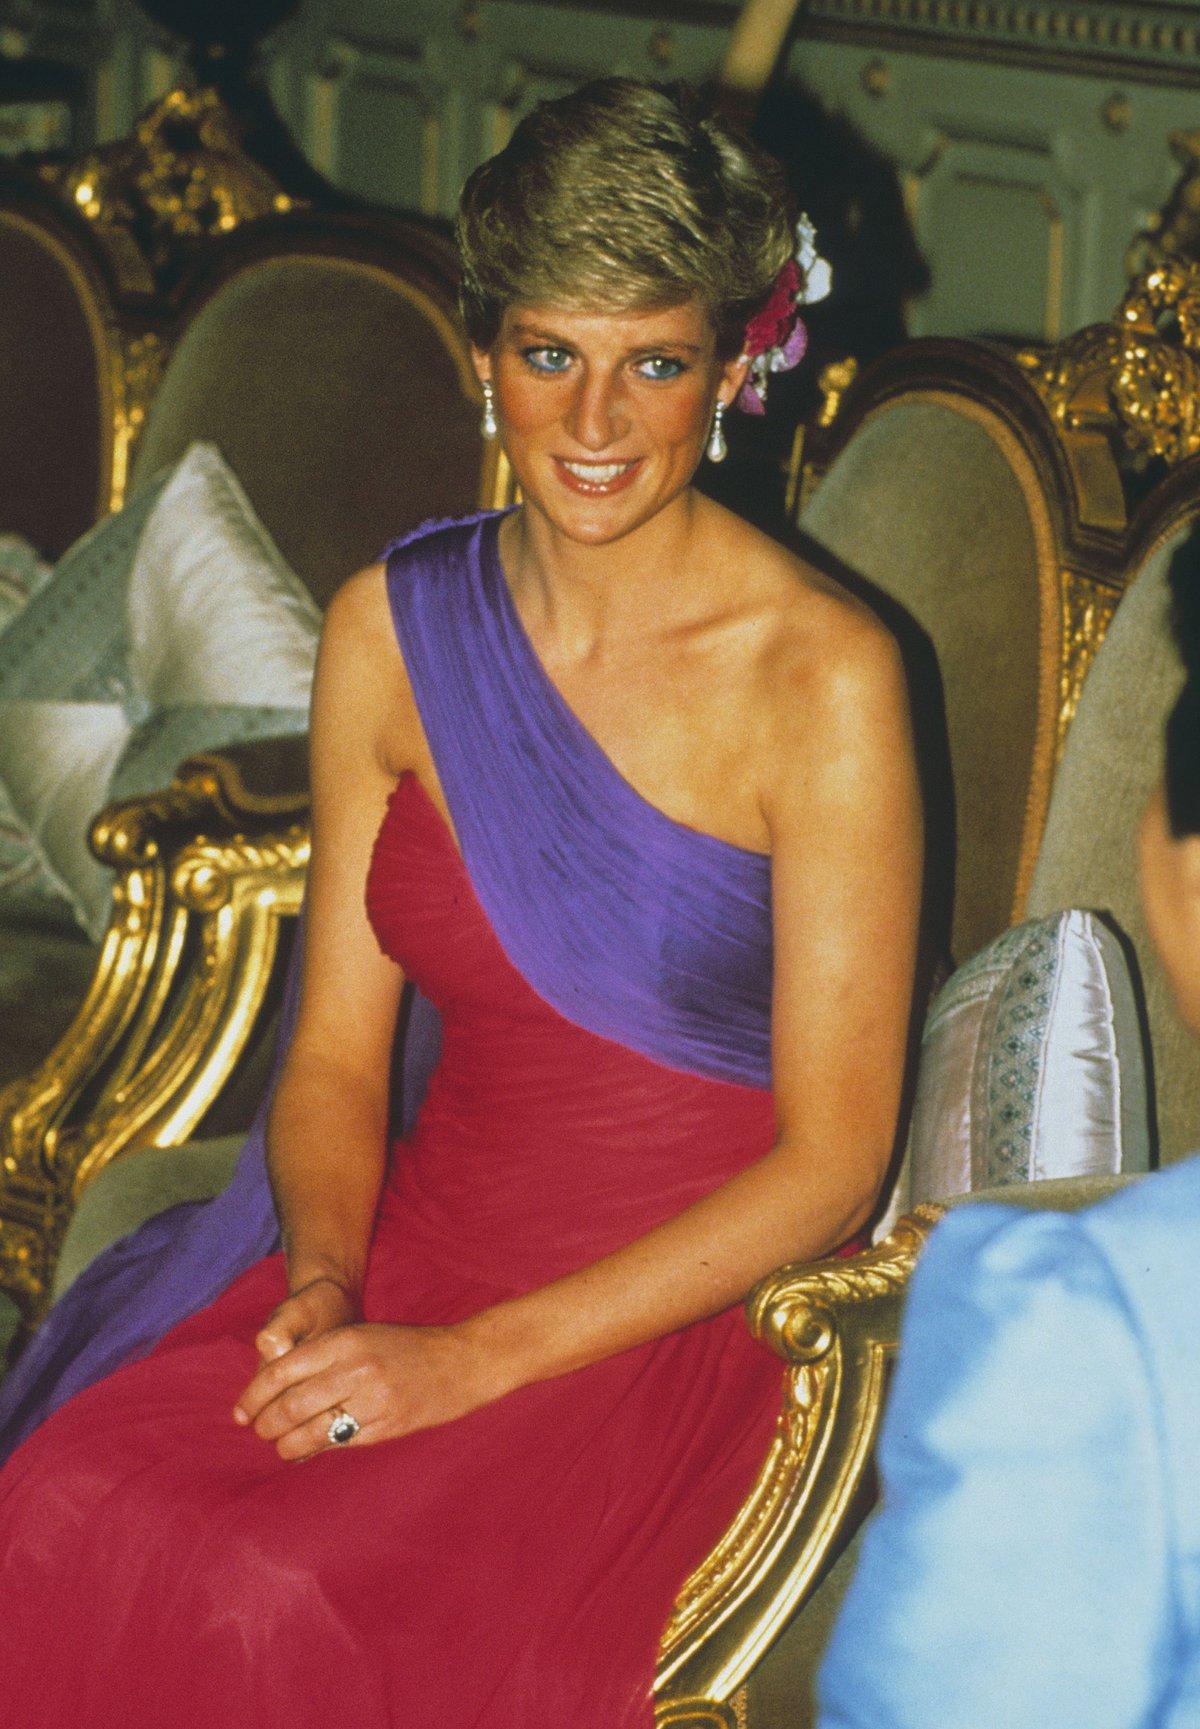 Princezna Diana v šatech z roku 1989.